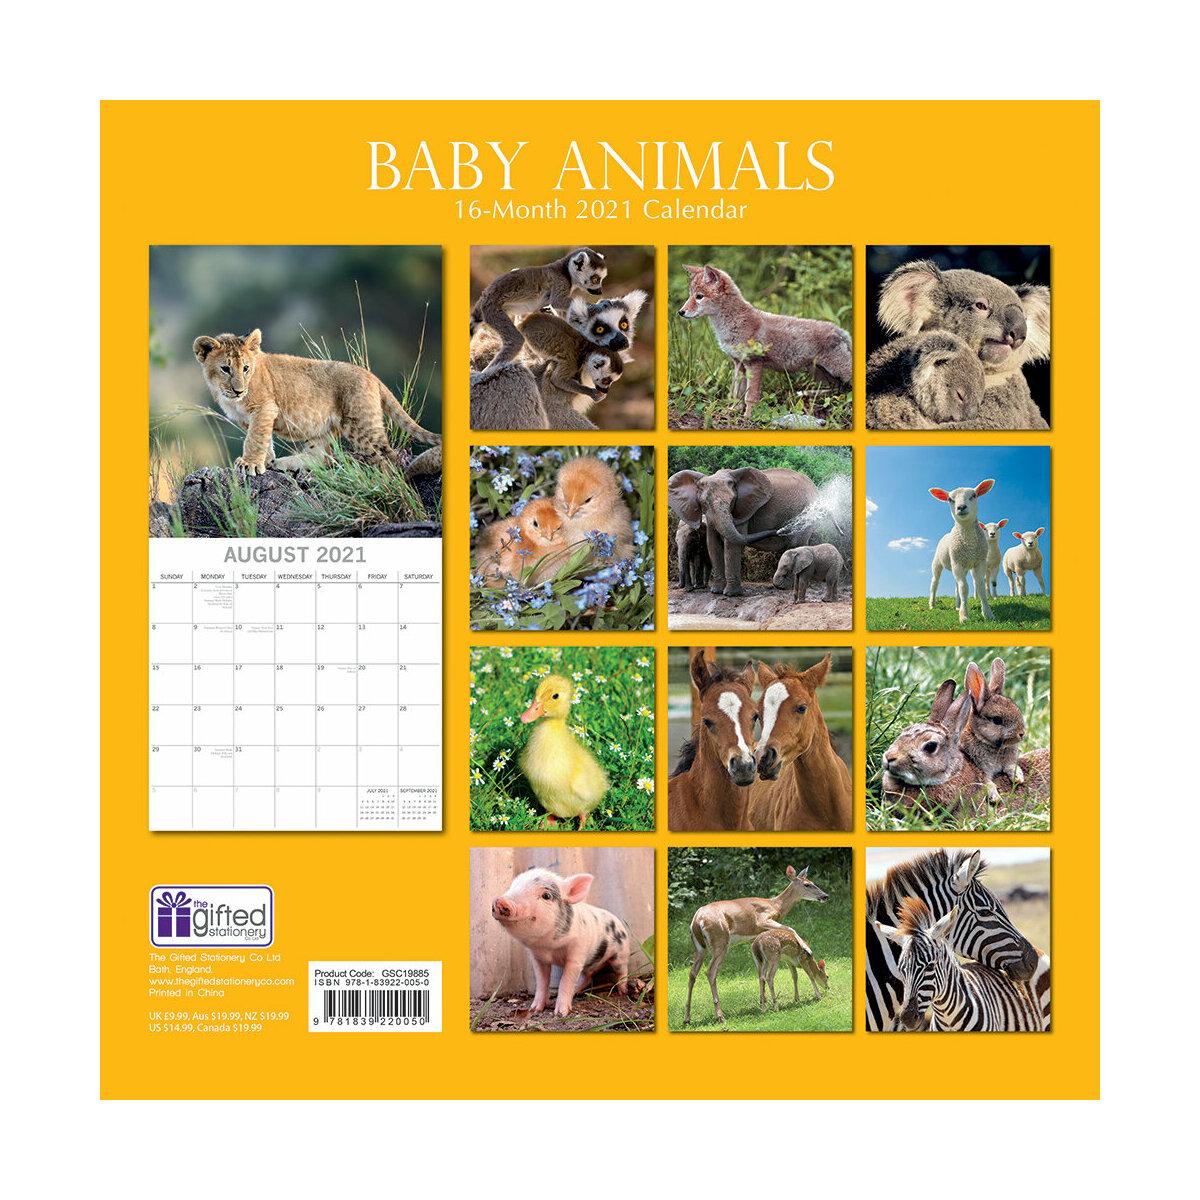 Calendrier 2021 Animaux Calendrier 2021 Bébé animaux